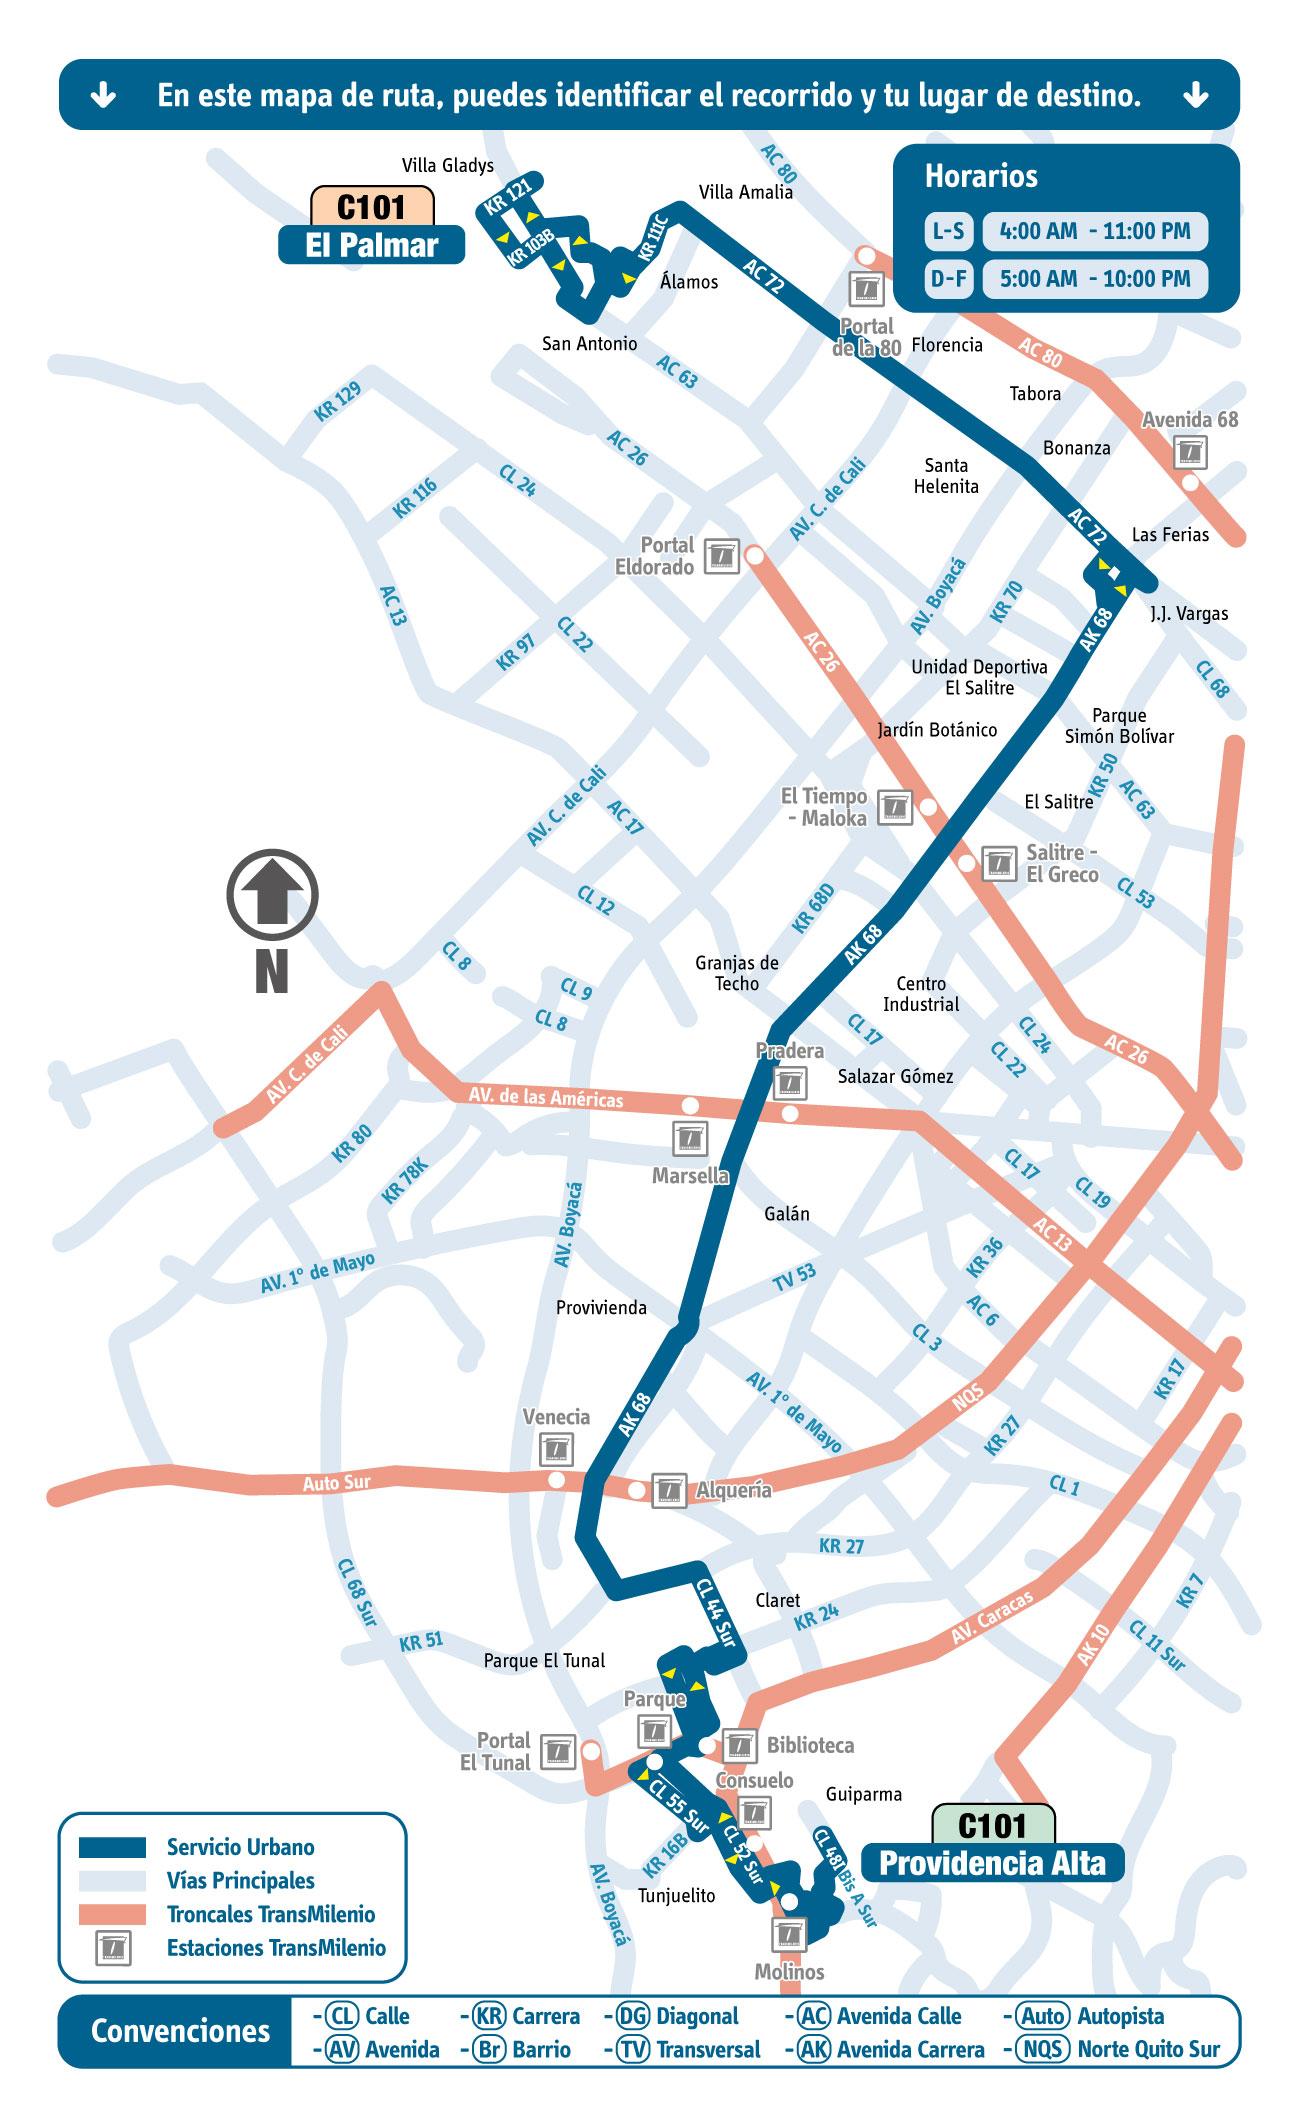 Mapa Esquemático ruta urbana C101